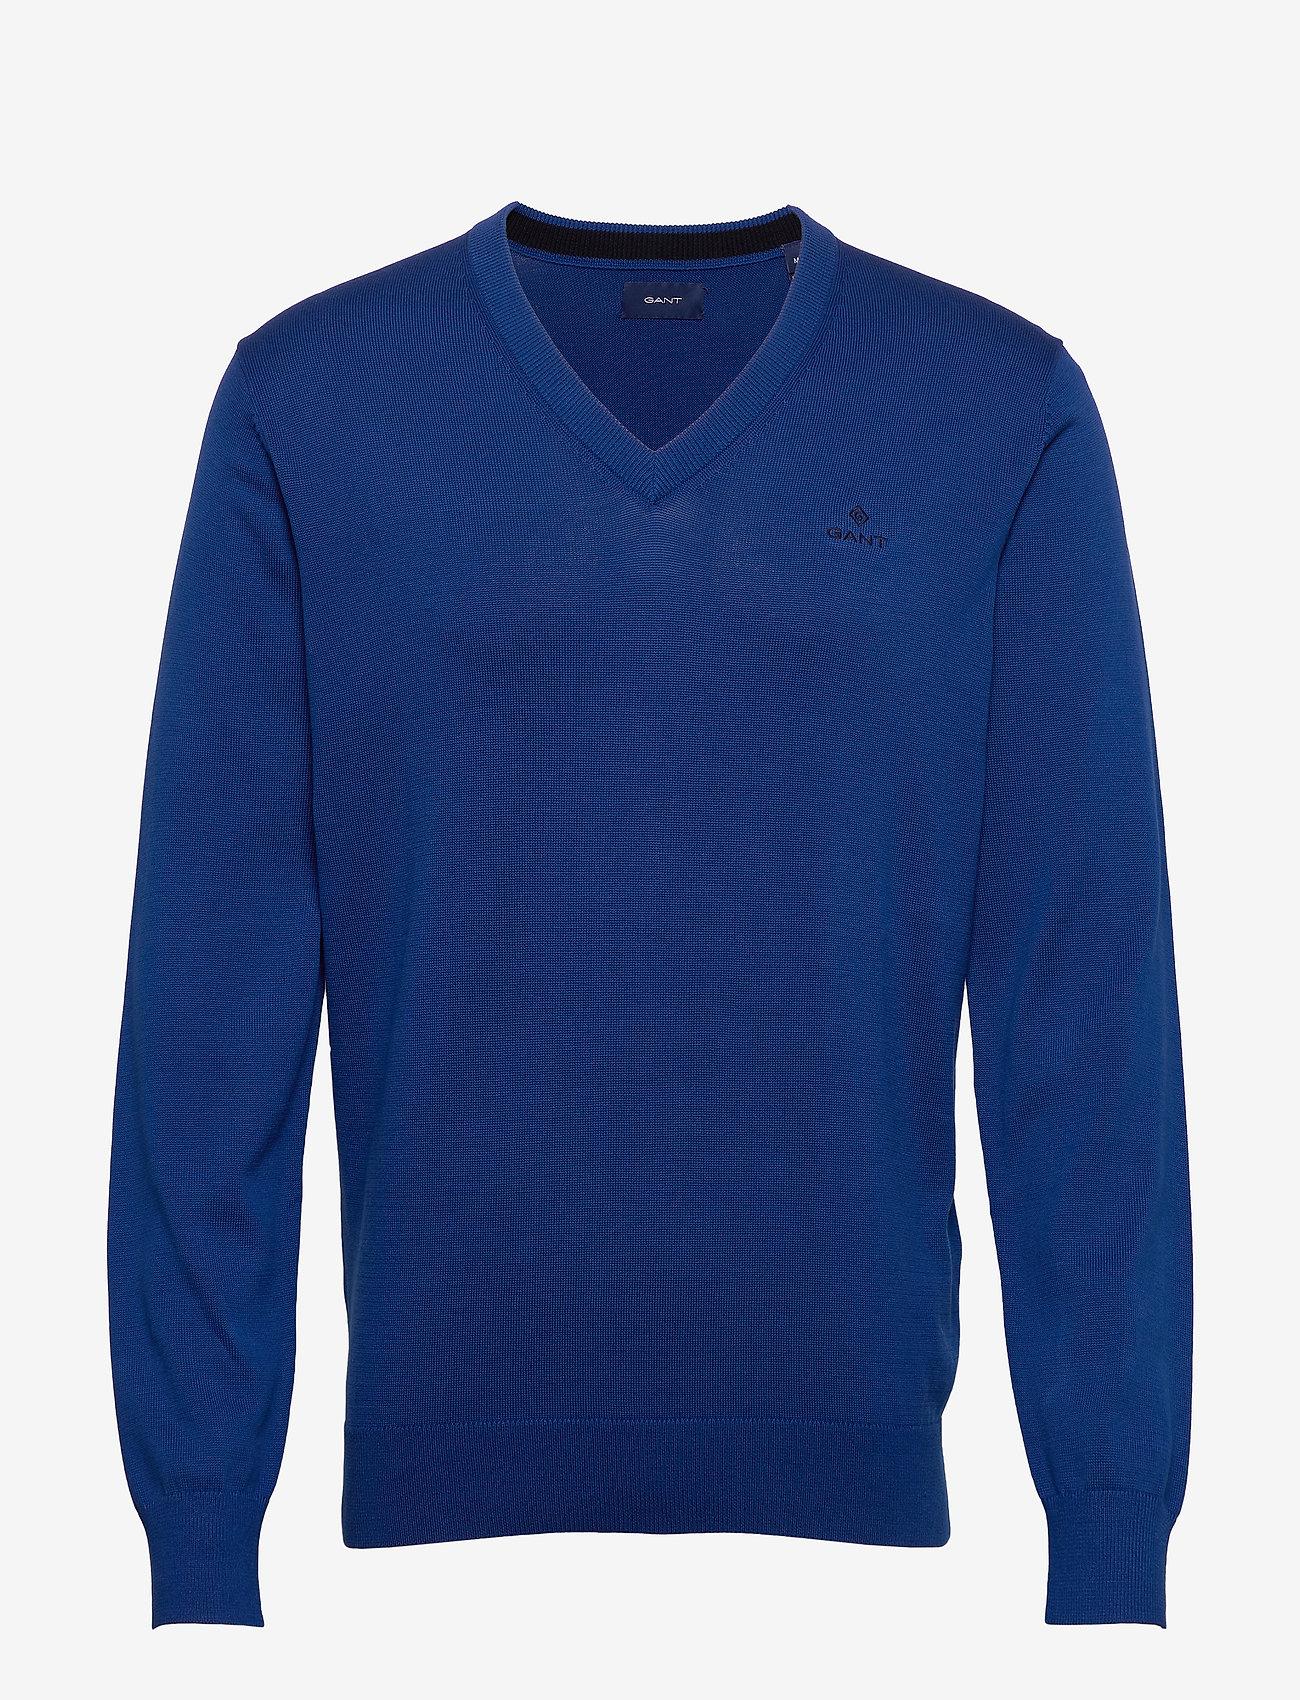 GANT - CLASSIC COTTON V-NECK - knitted v-necks - crisp blue - 0